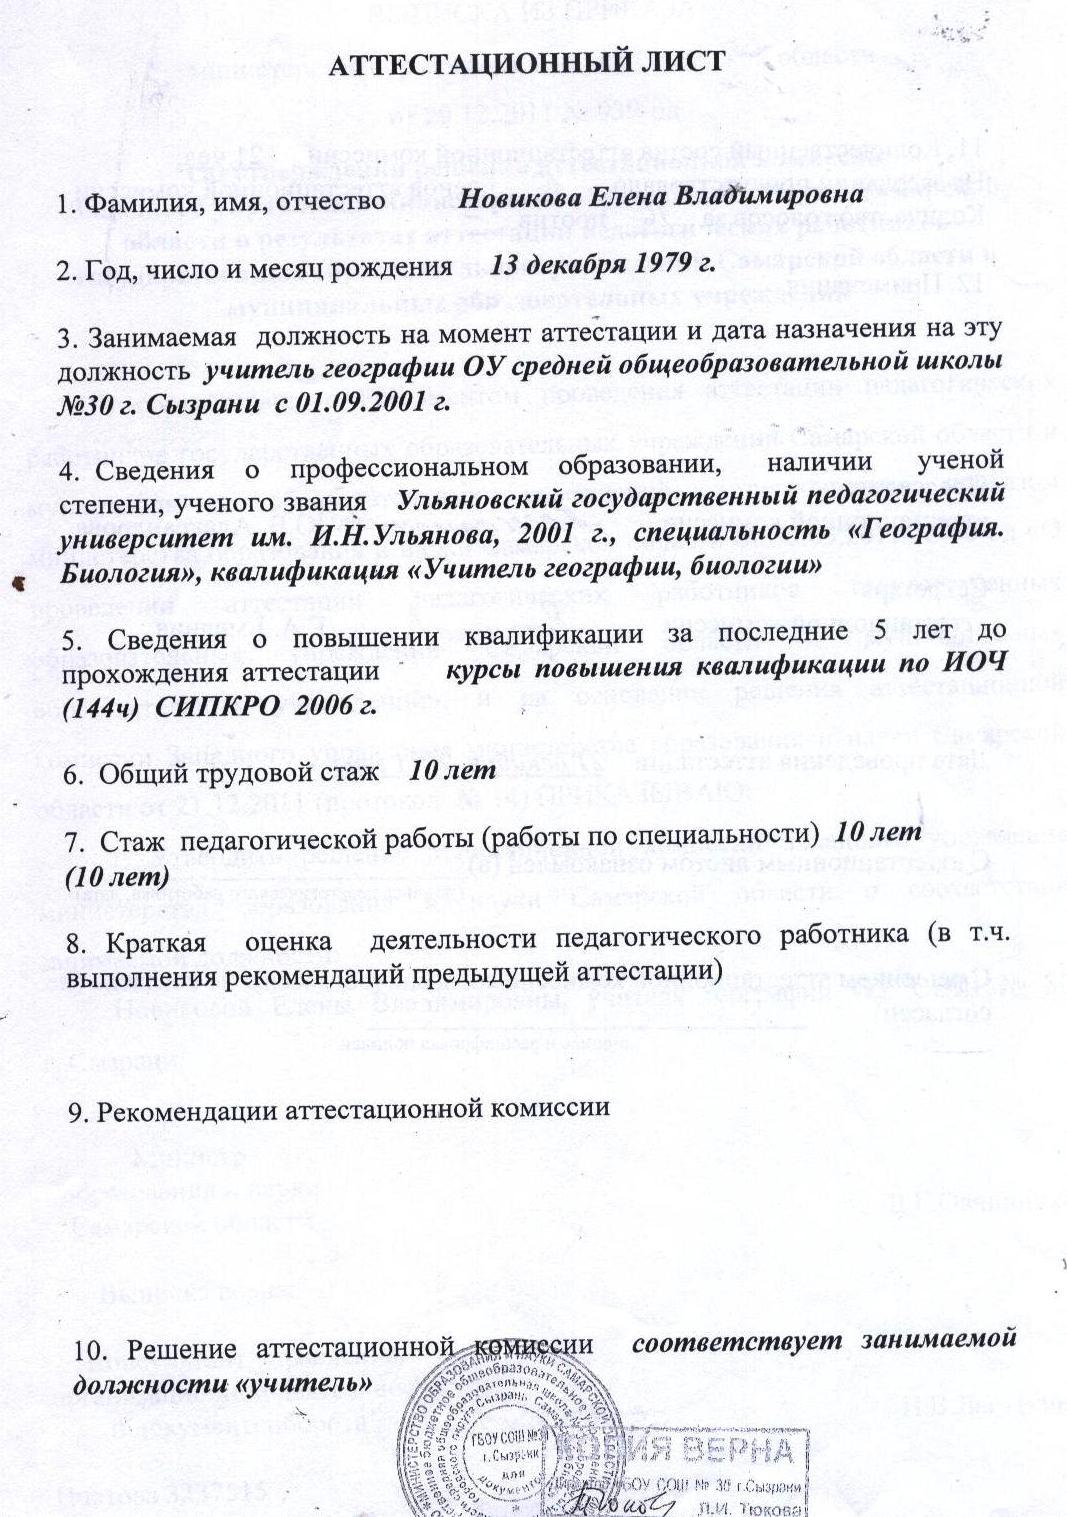 Аттестационный лист на соответствие занимаемой должности